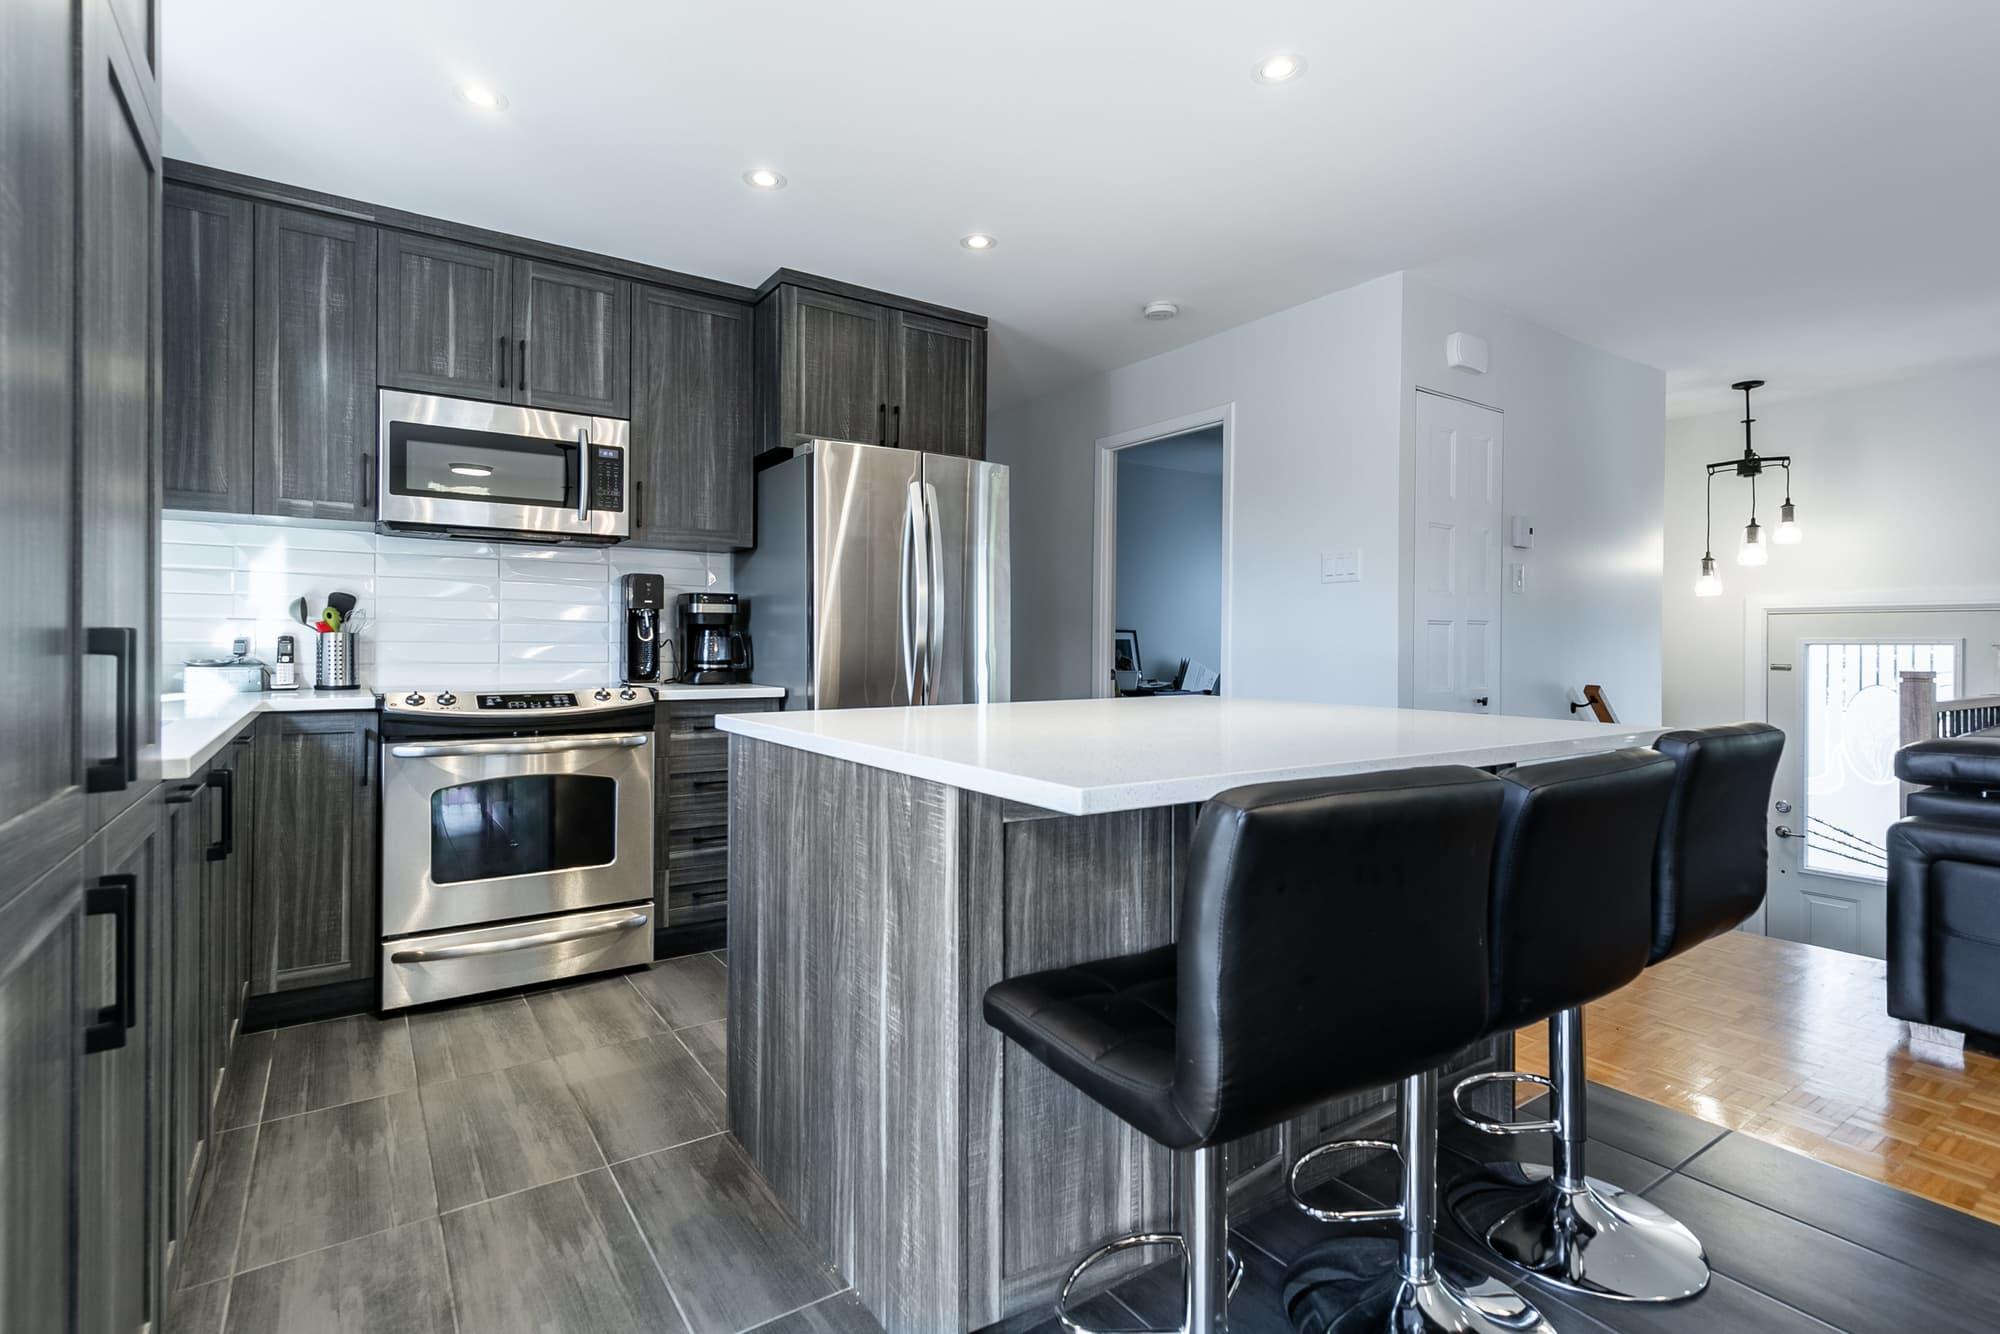 rénovation d'une cuisine contemporaine avec armoires gris foncé et îlot